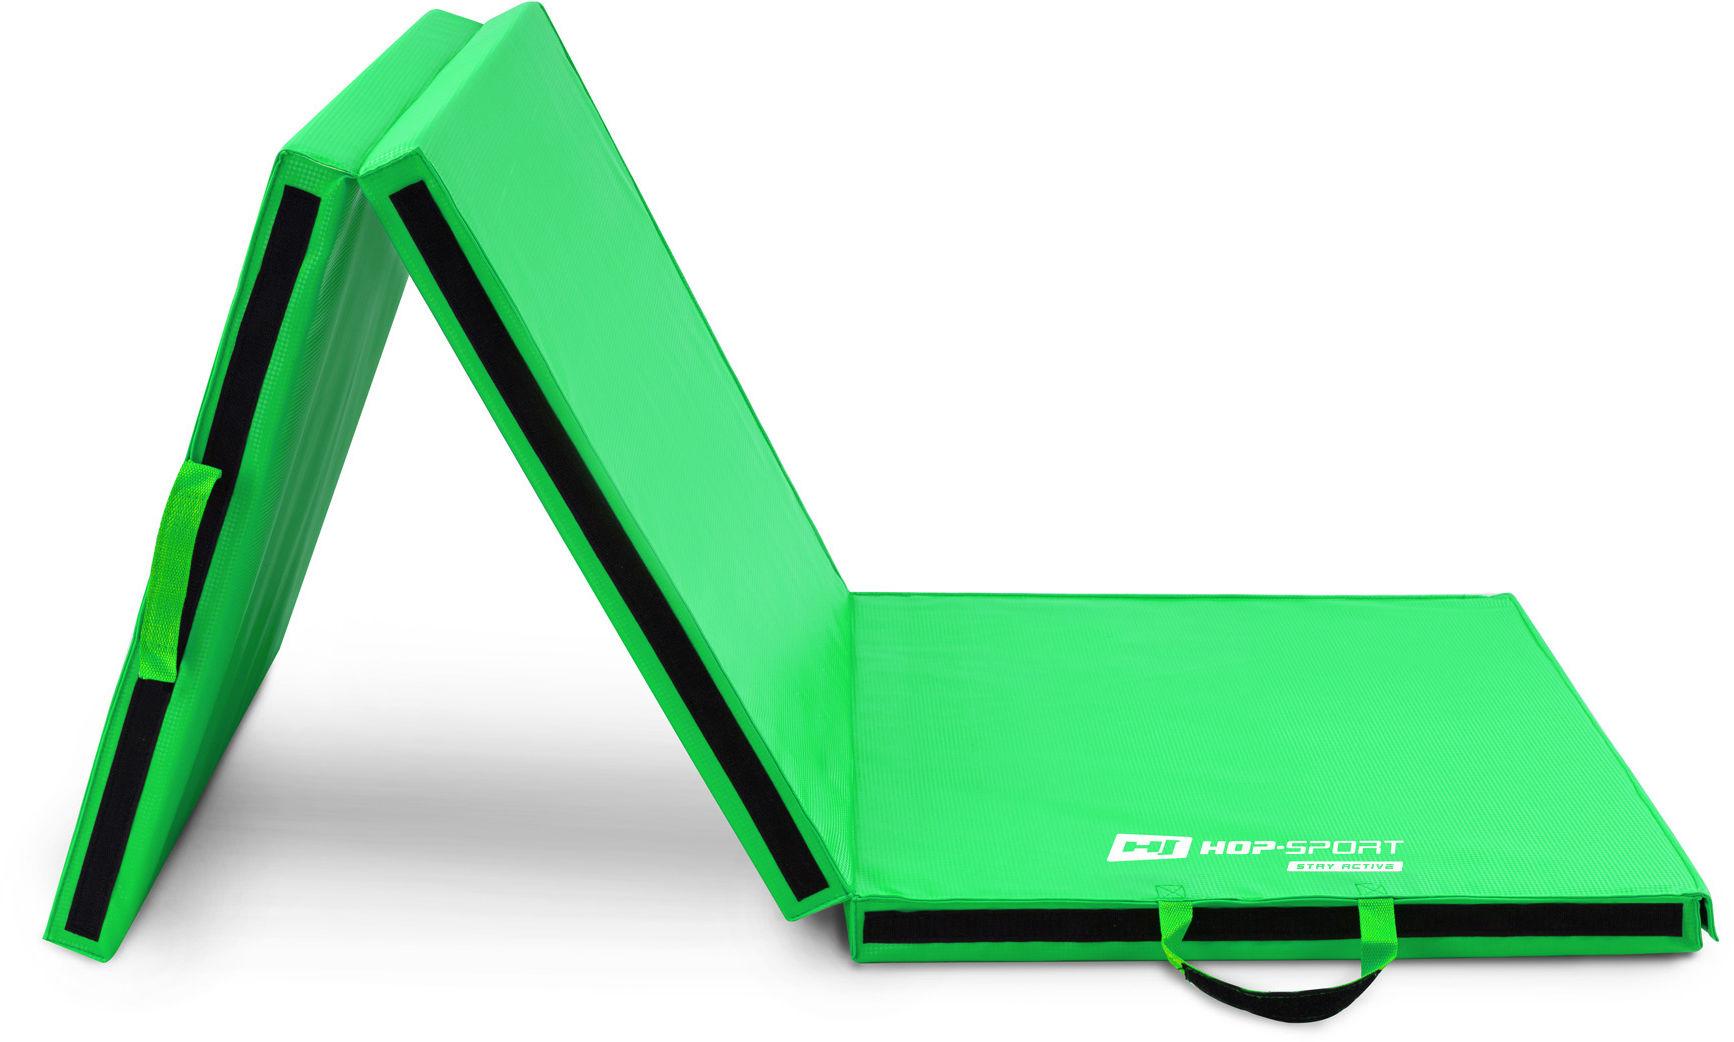 Materac gimnastyczny składany miękki z rzepami 5cm - zielony